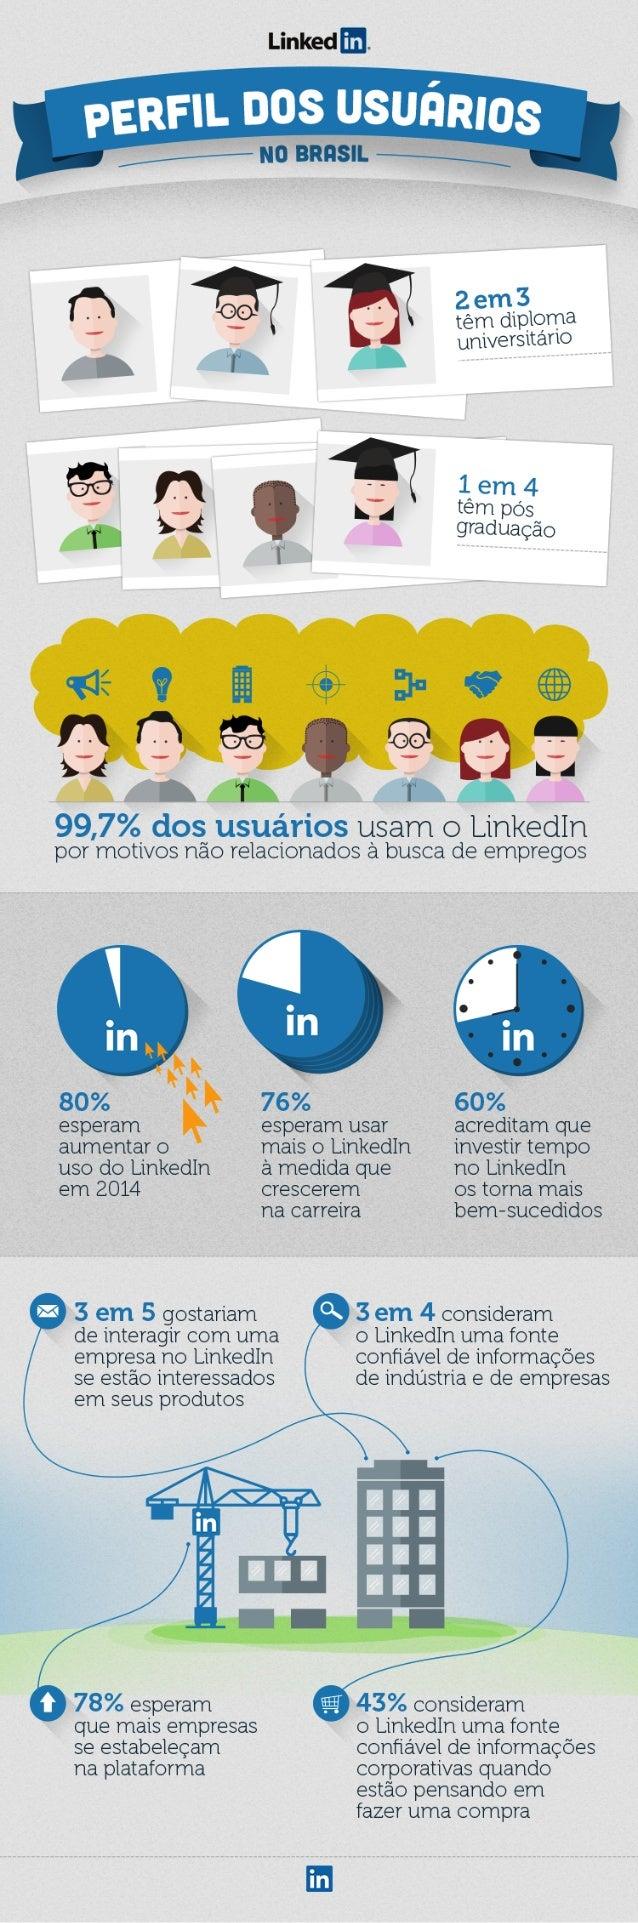 Perfil dos usuários no Brasil